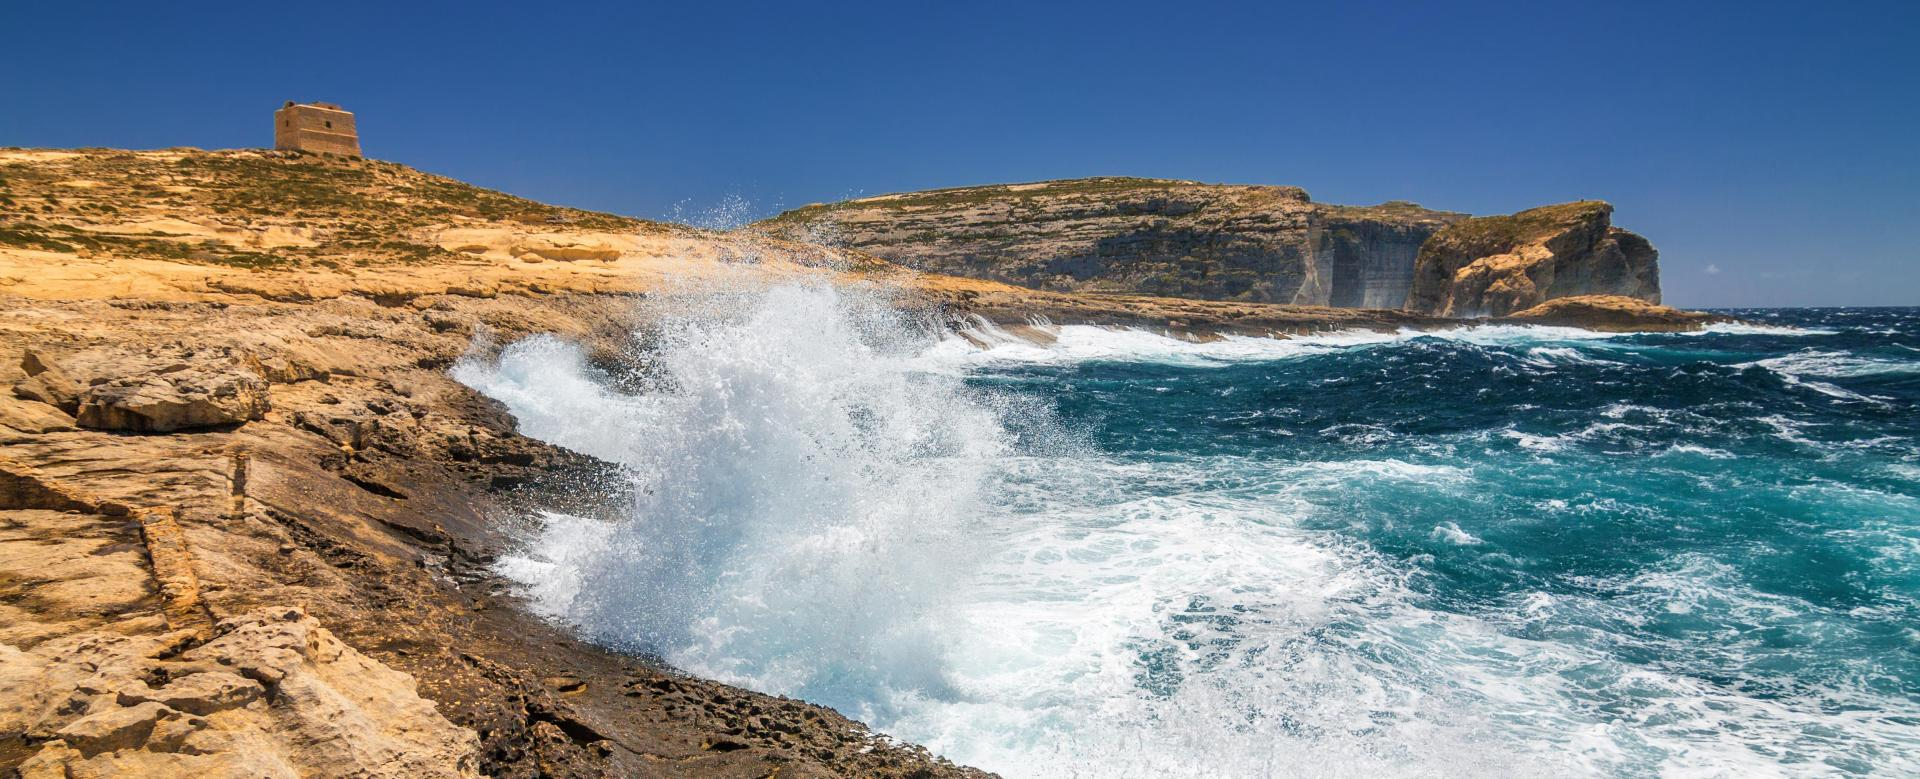 Voyage sur l'eau : Malte et gozo, haltes en méditerranée